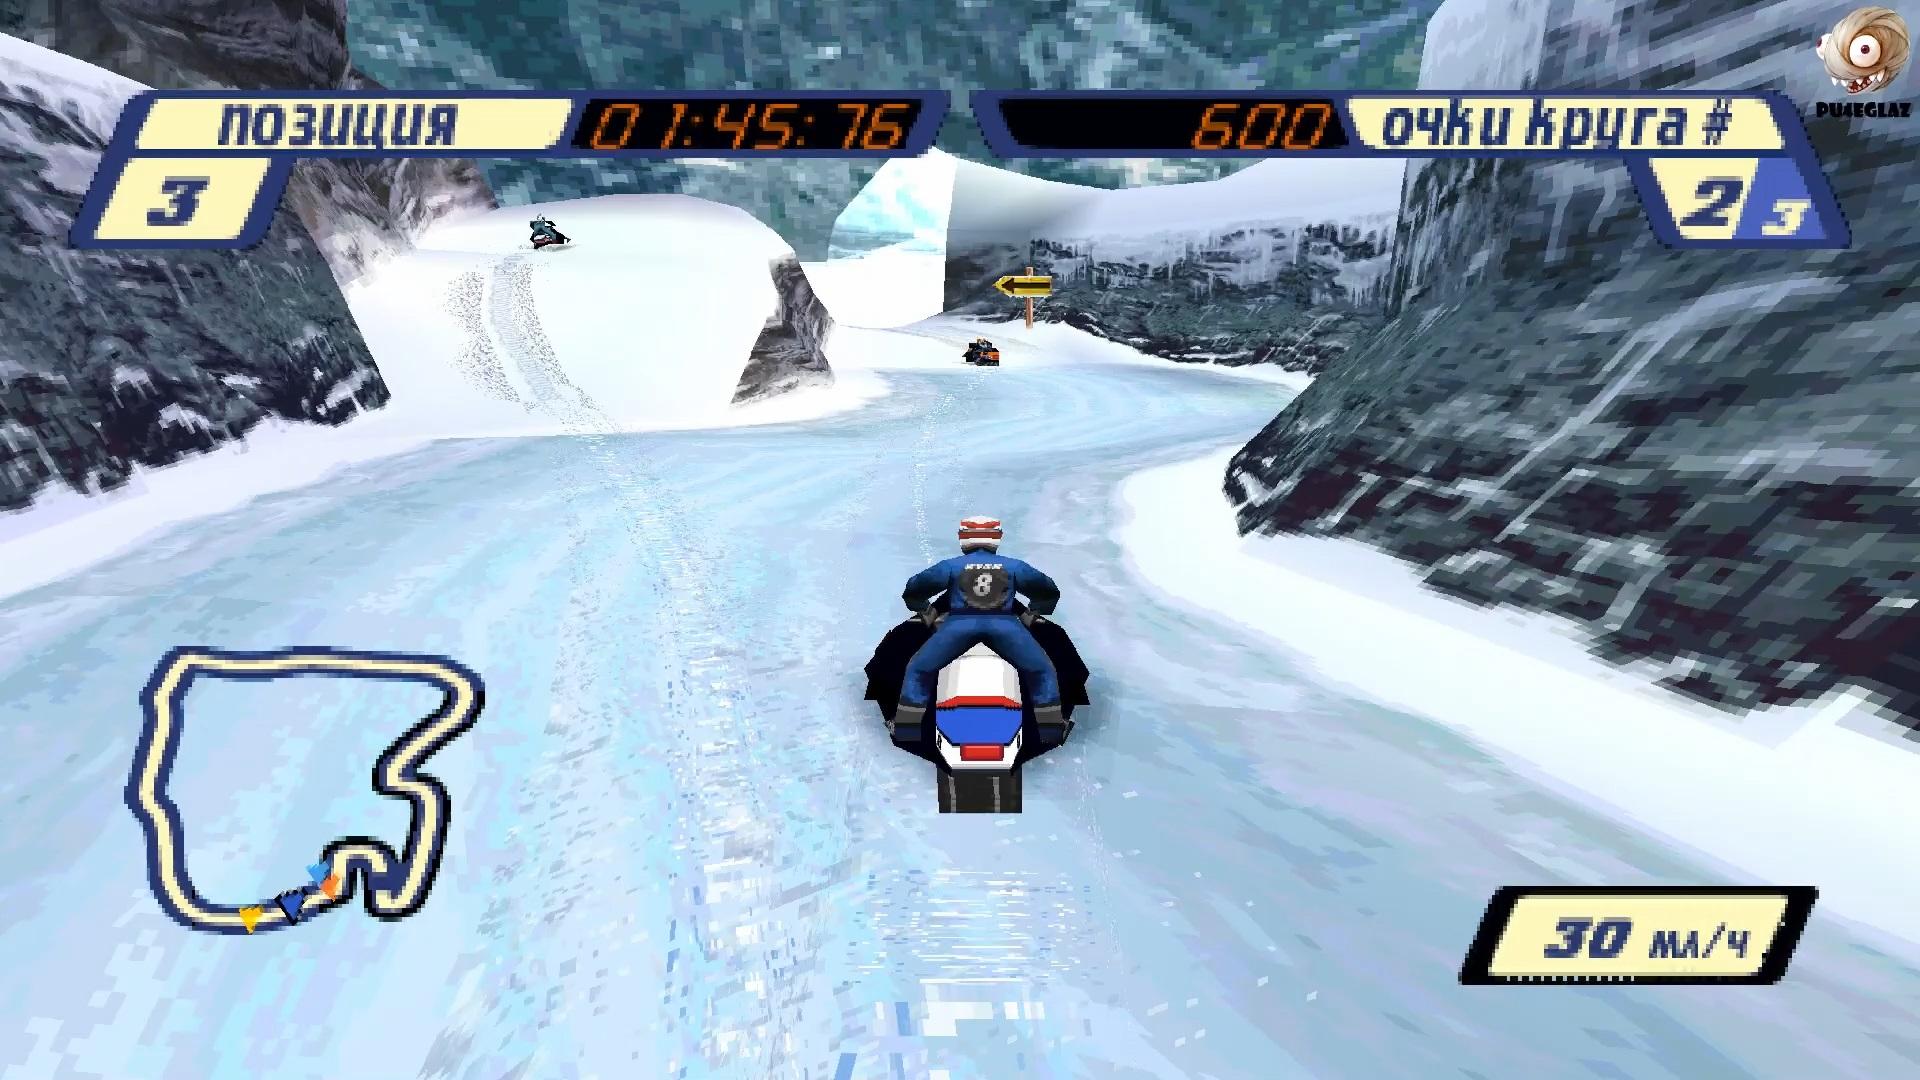 Играть онлайн гонка на снегоходах гонки на урале играть онлайн бесплатно